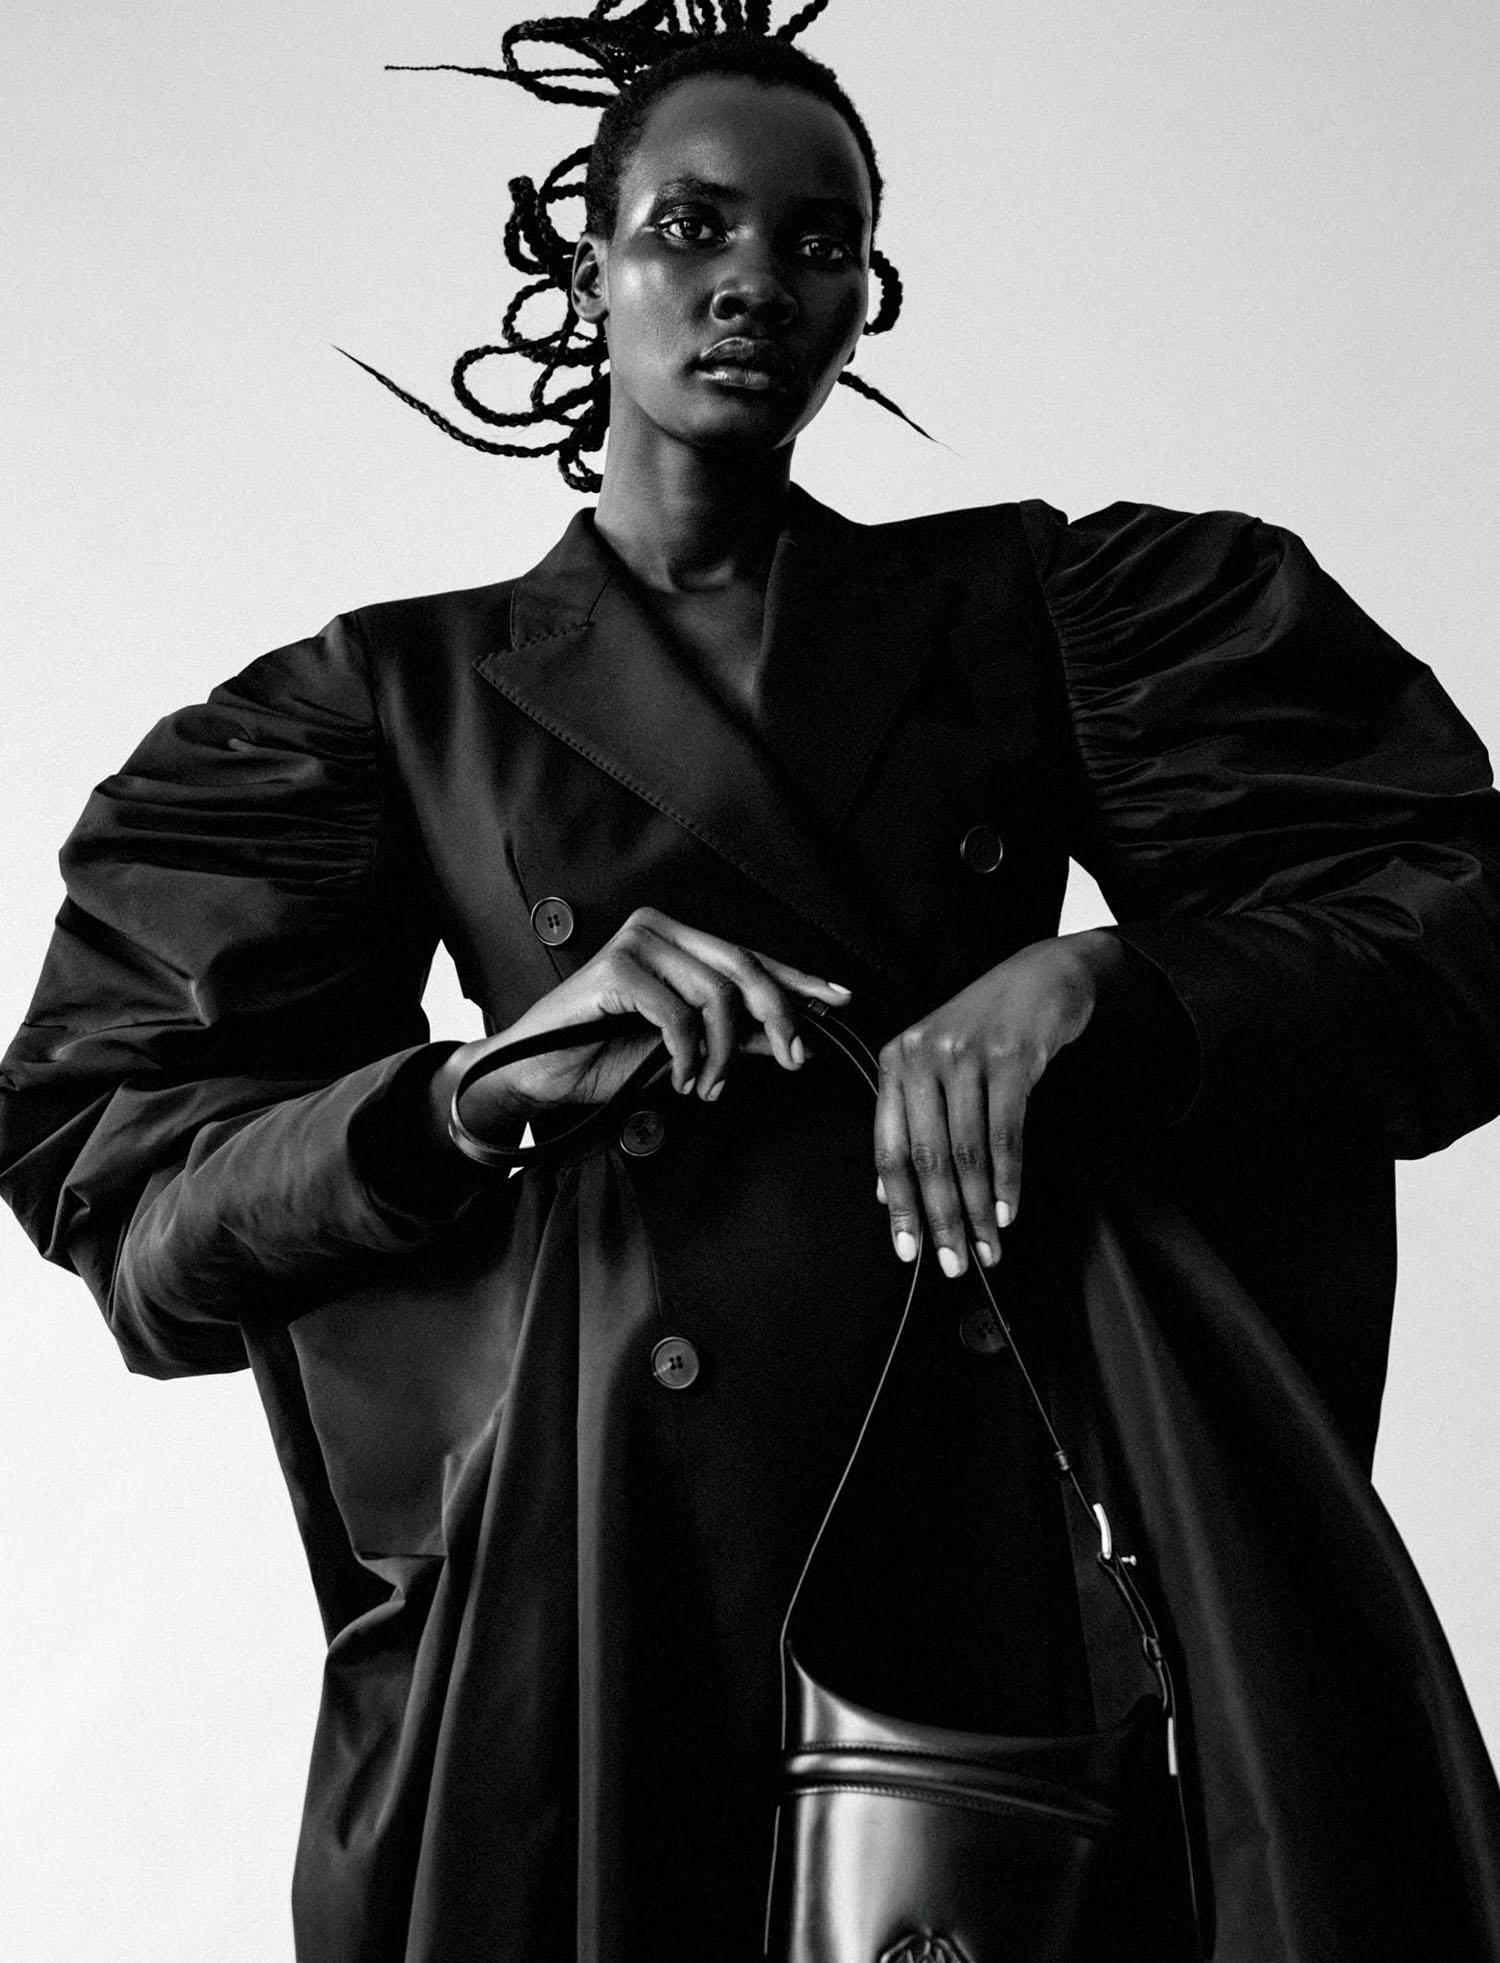 Tricia Akello by Dennis Stenild for Elle Mexico March 2021